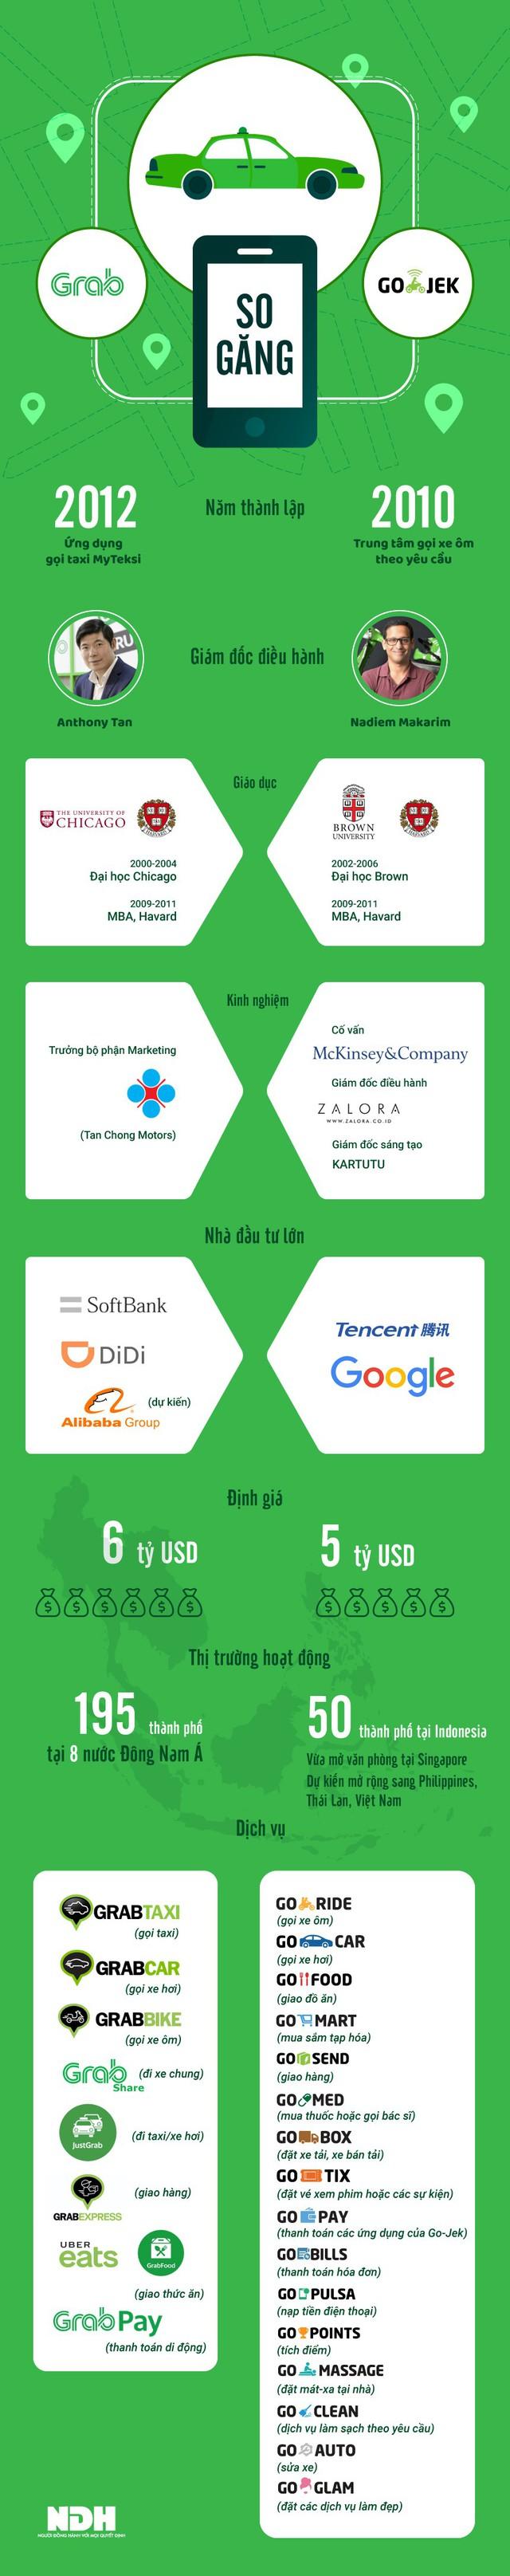 """[Infographic] So găng Grab và Go-Jek: Kẻ tám lạng, người nửa cân"""" - Ảnh 1."""